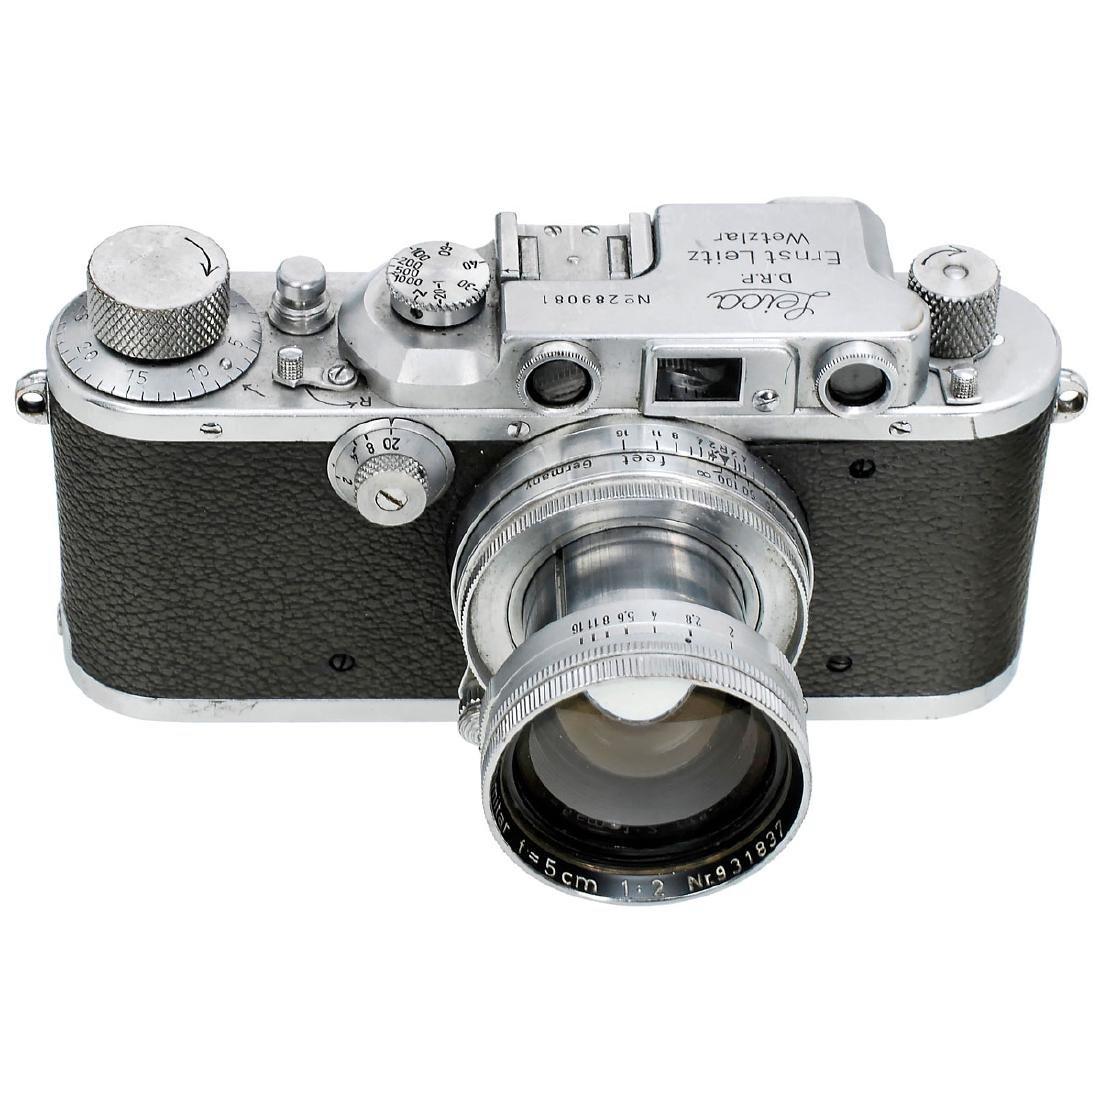 Leica IIIb with Summitar 2/5 cm, 1938